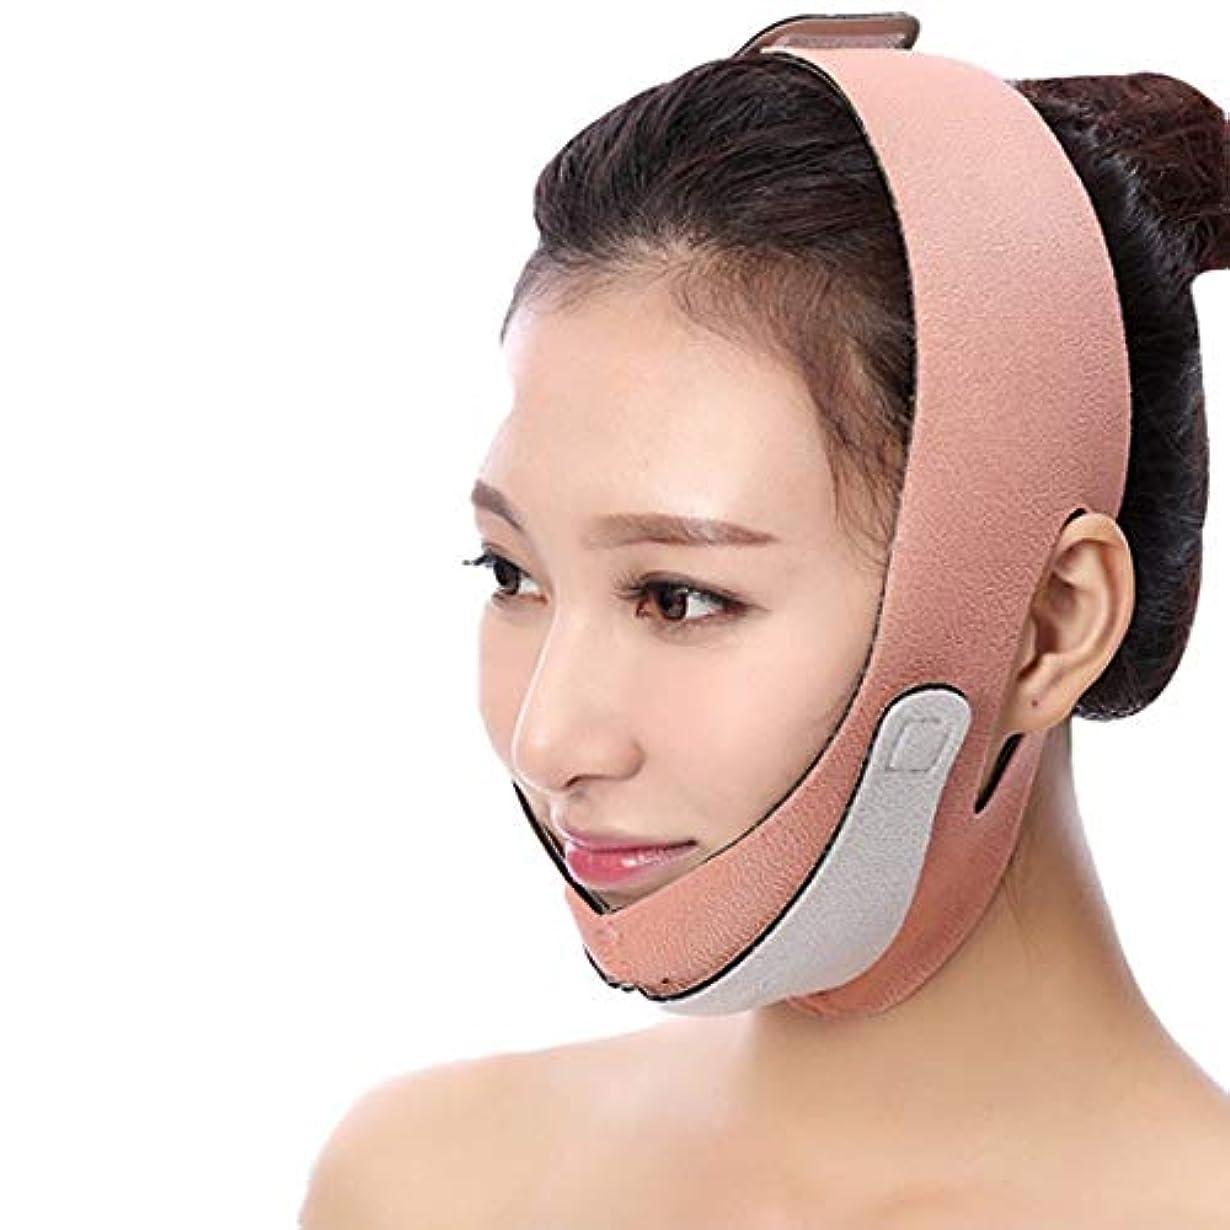 根絶する管理かんがいZWBD フェイスマスク, 調節可能なVのラインライン包帯の顔の二重あごの減量の包帯が付いている表面持ち上がる包帯の顔の細くのマスクの持ち上がる表面